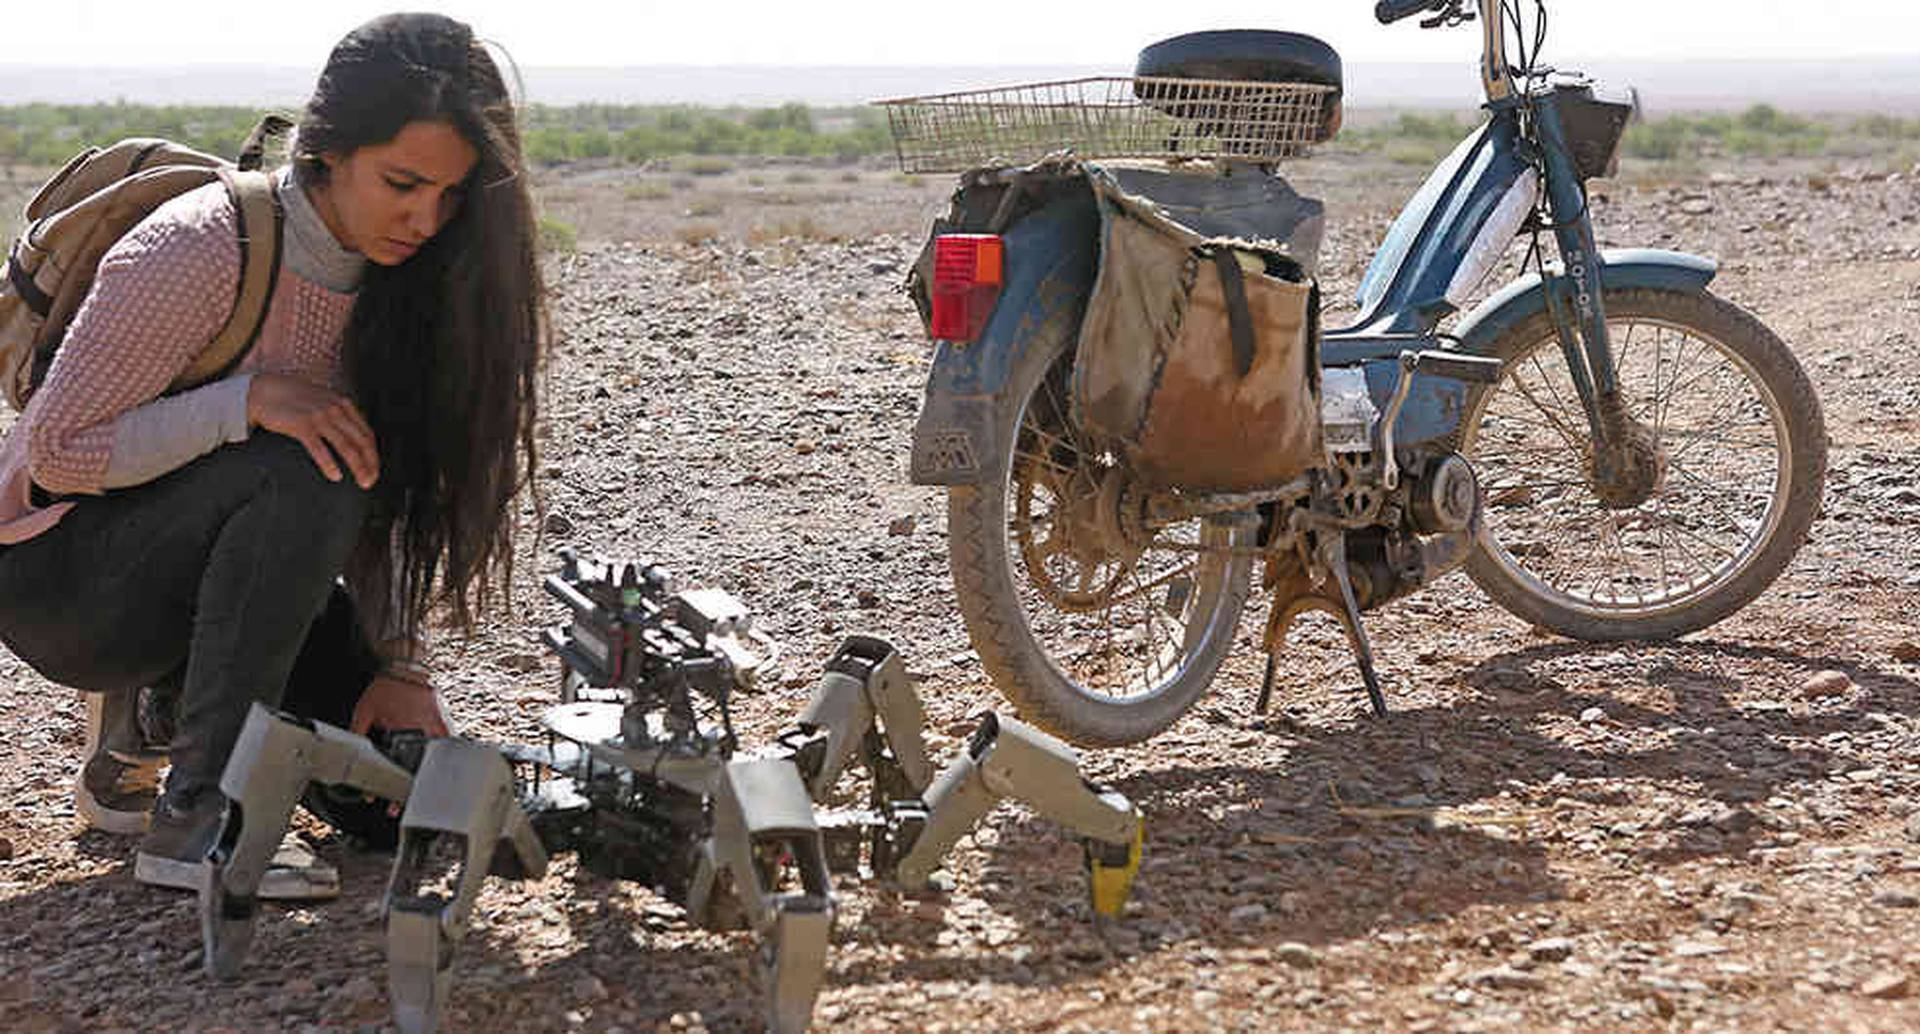 Dirigida por Kim Nguyen y protagonizada por Lina El Arabi y Joe Cole, El escape aborda el oportunismo irrespetuoso con el que algunos países del primer mundo vigilan al resto del planeta. Pero lo hace sin intención.